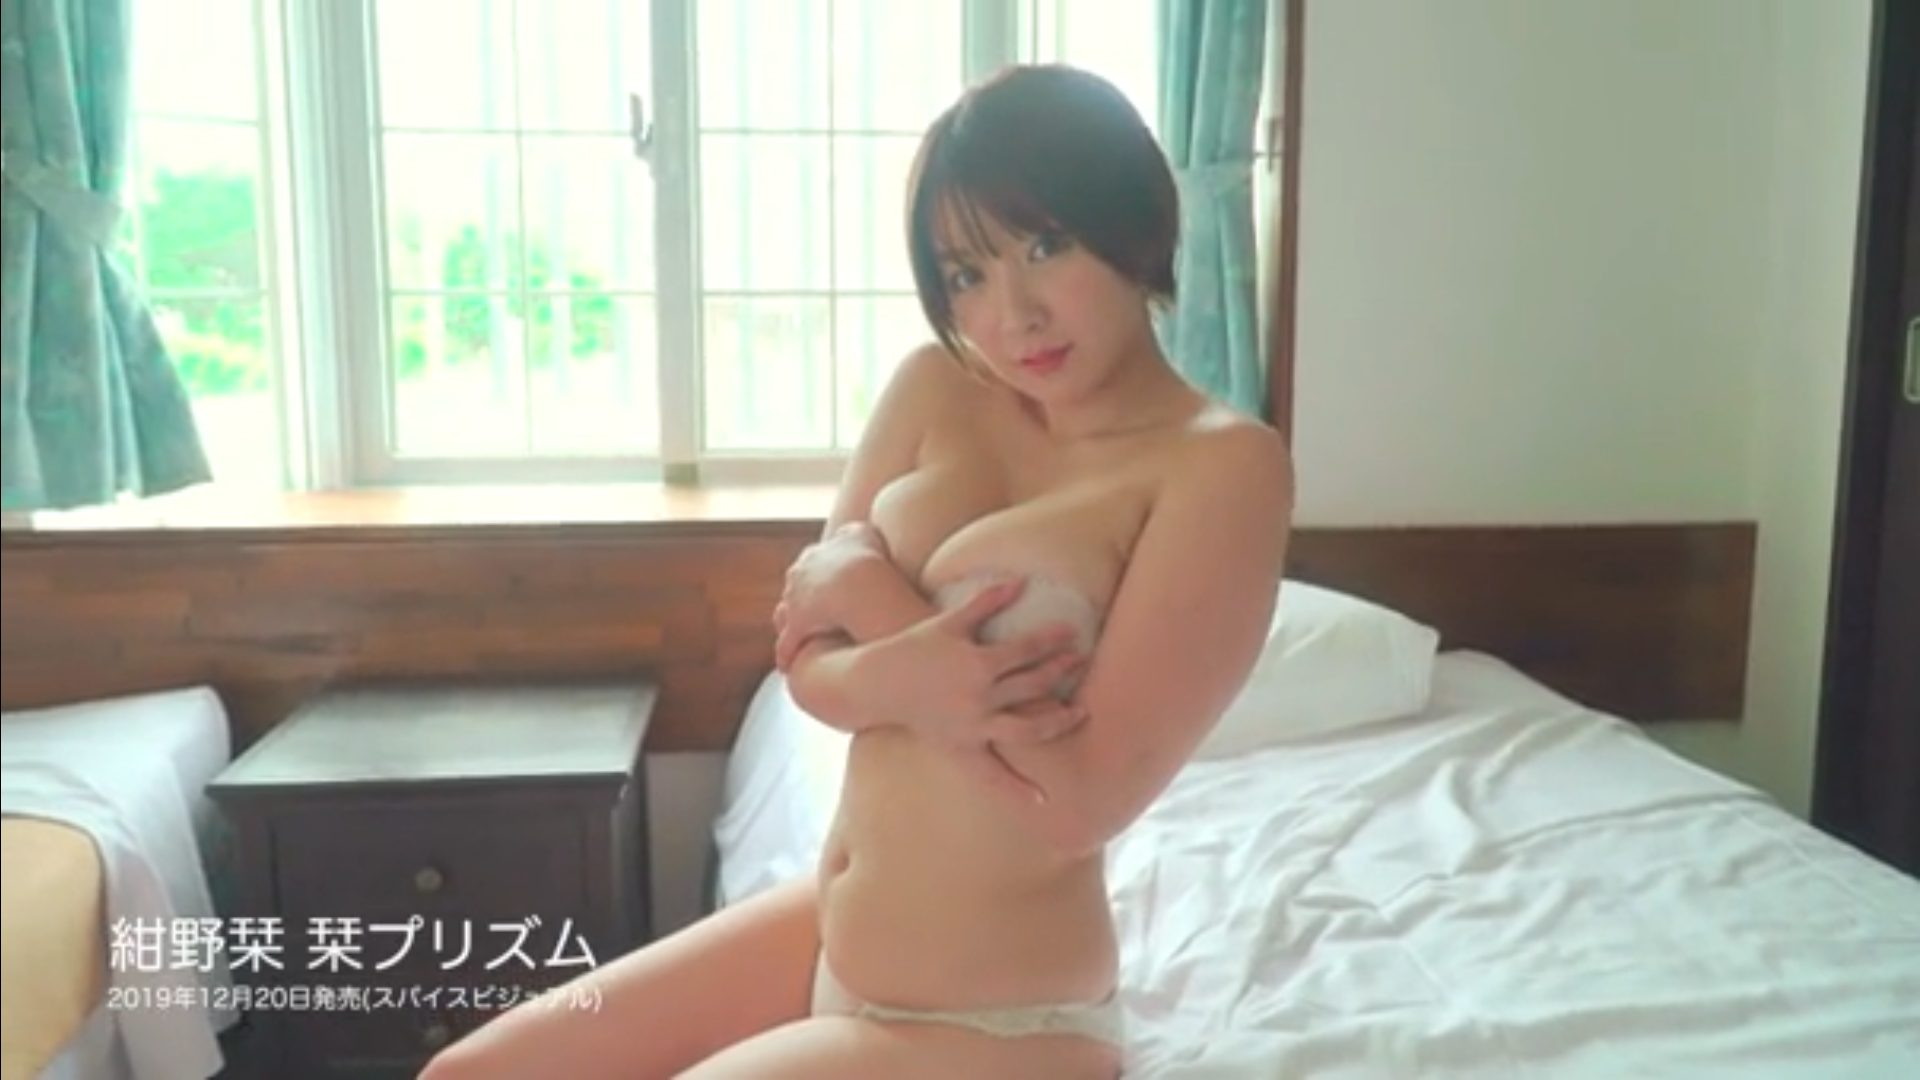 【紺野栞】Hカップ10 「栞プリズム」サンプル動画